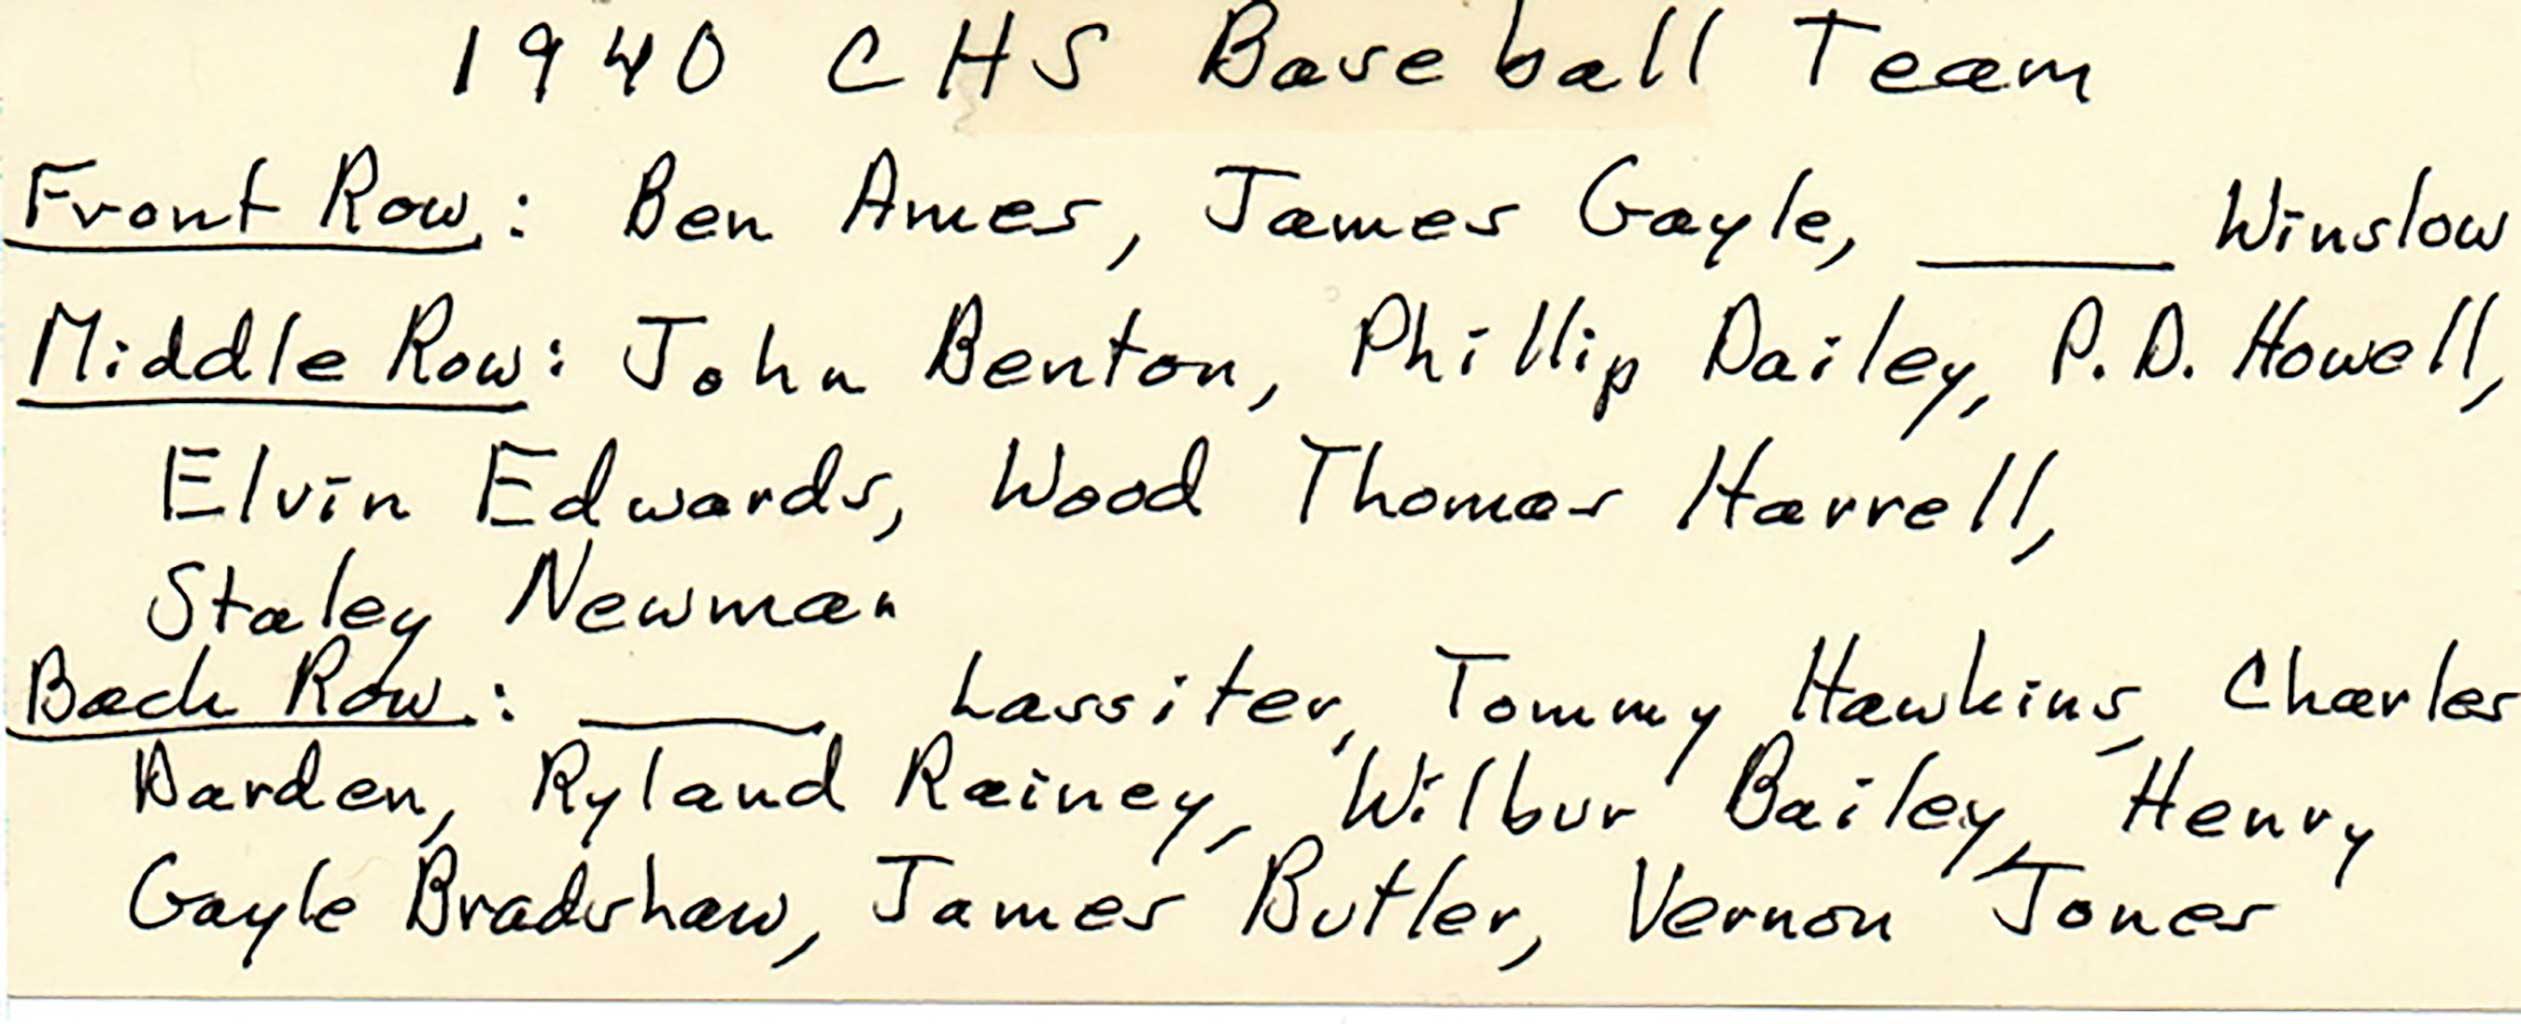 list-of-names-for-img-016-chuckatuck-baseball-team-1940-img039